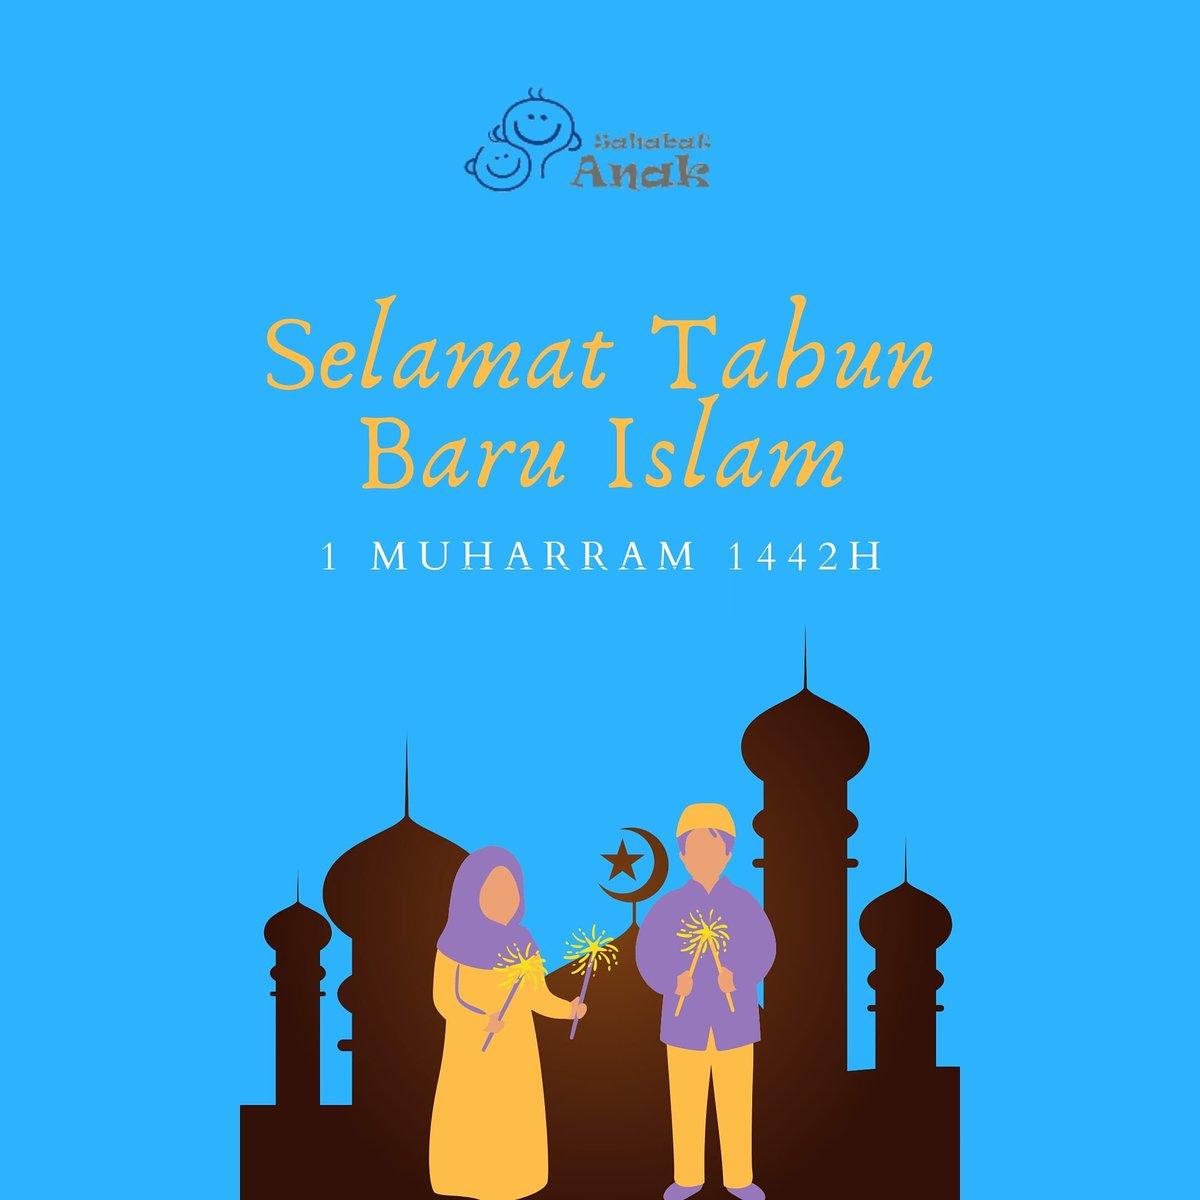 Selamat Tahun Baru Islam bagi sahabat-sahabat yang merayakan 🌸🍃  Harapan terbaik di tahun yang baru bagi kita semua 🙏🌿  #tahunbaruislam #1Muharram1442H https://t.co/EfJNgkz3AR